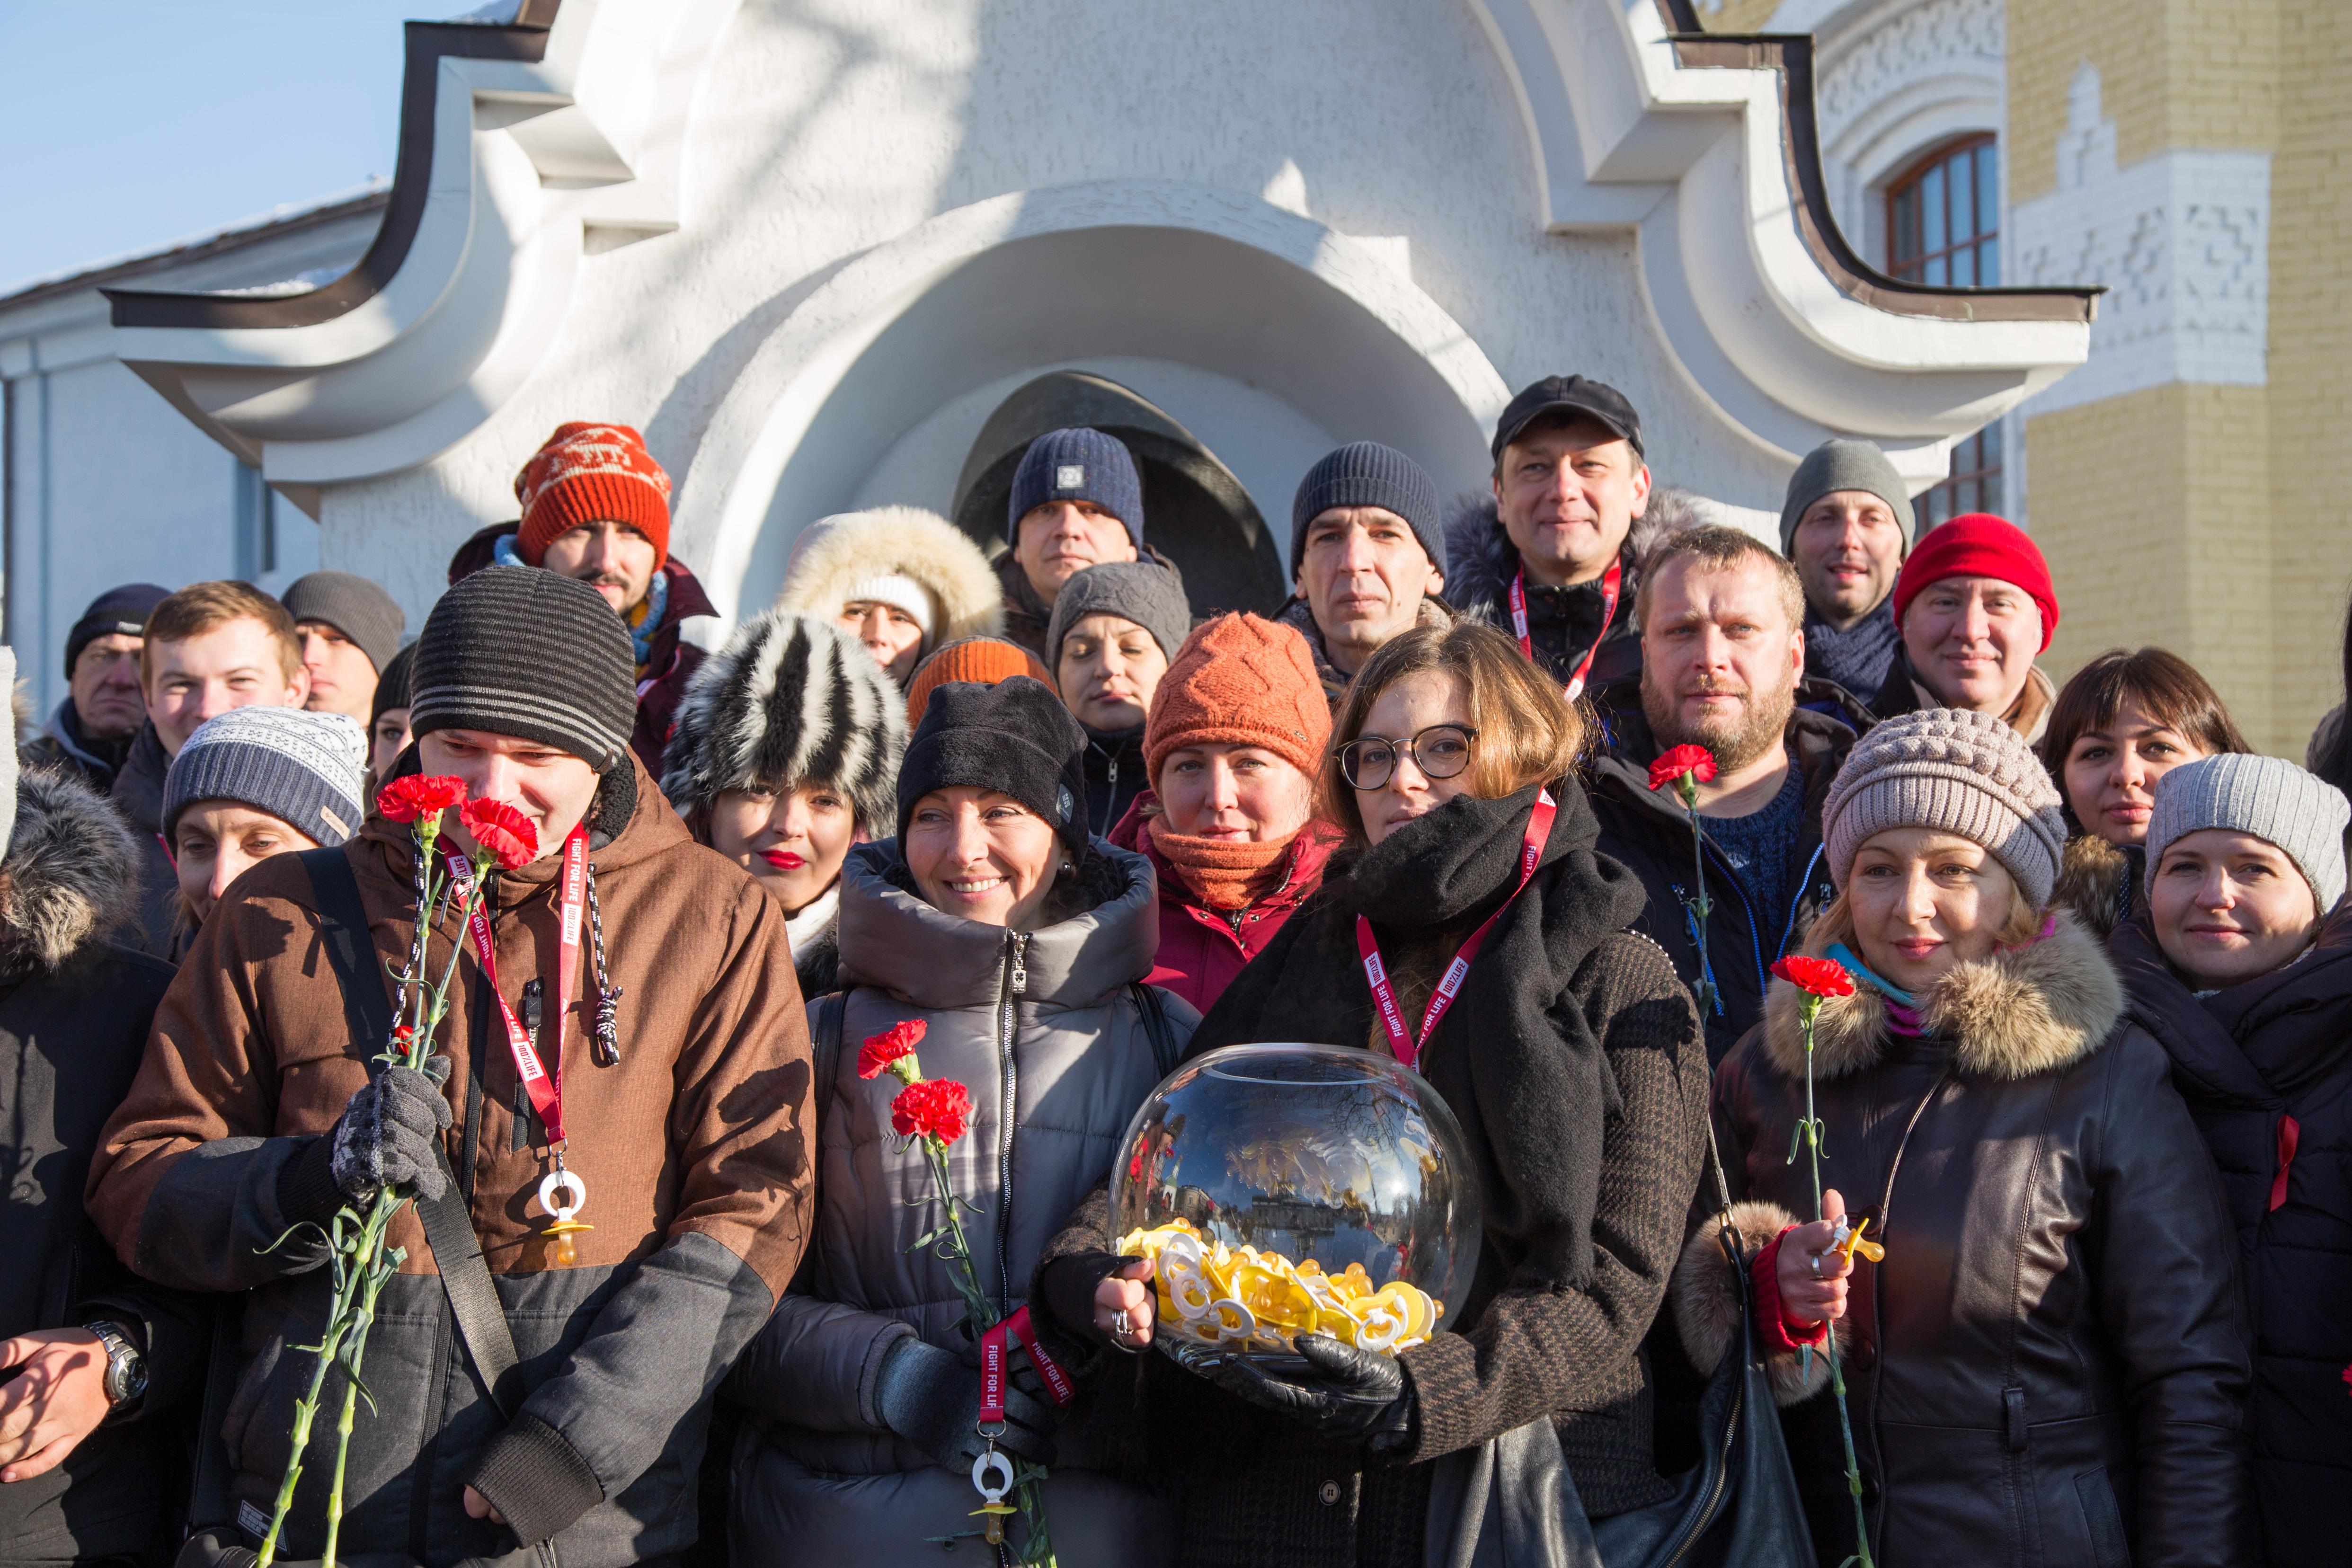 Напередодні Всесвітнього дня боротьби зі СНІДом українців закликали відмовитися від дитячої поведінки пройти тестування на ВІЛ